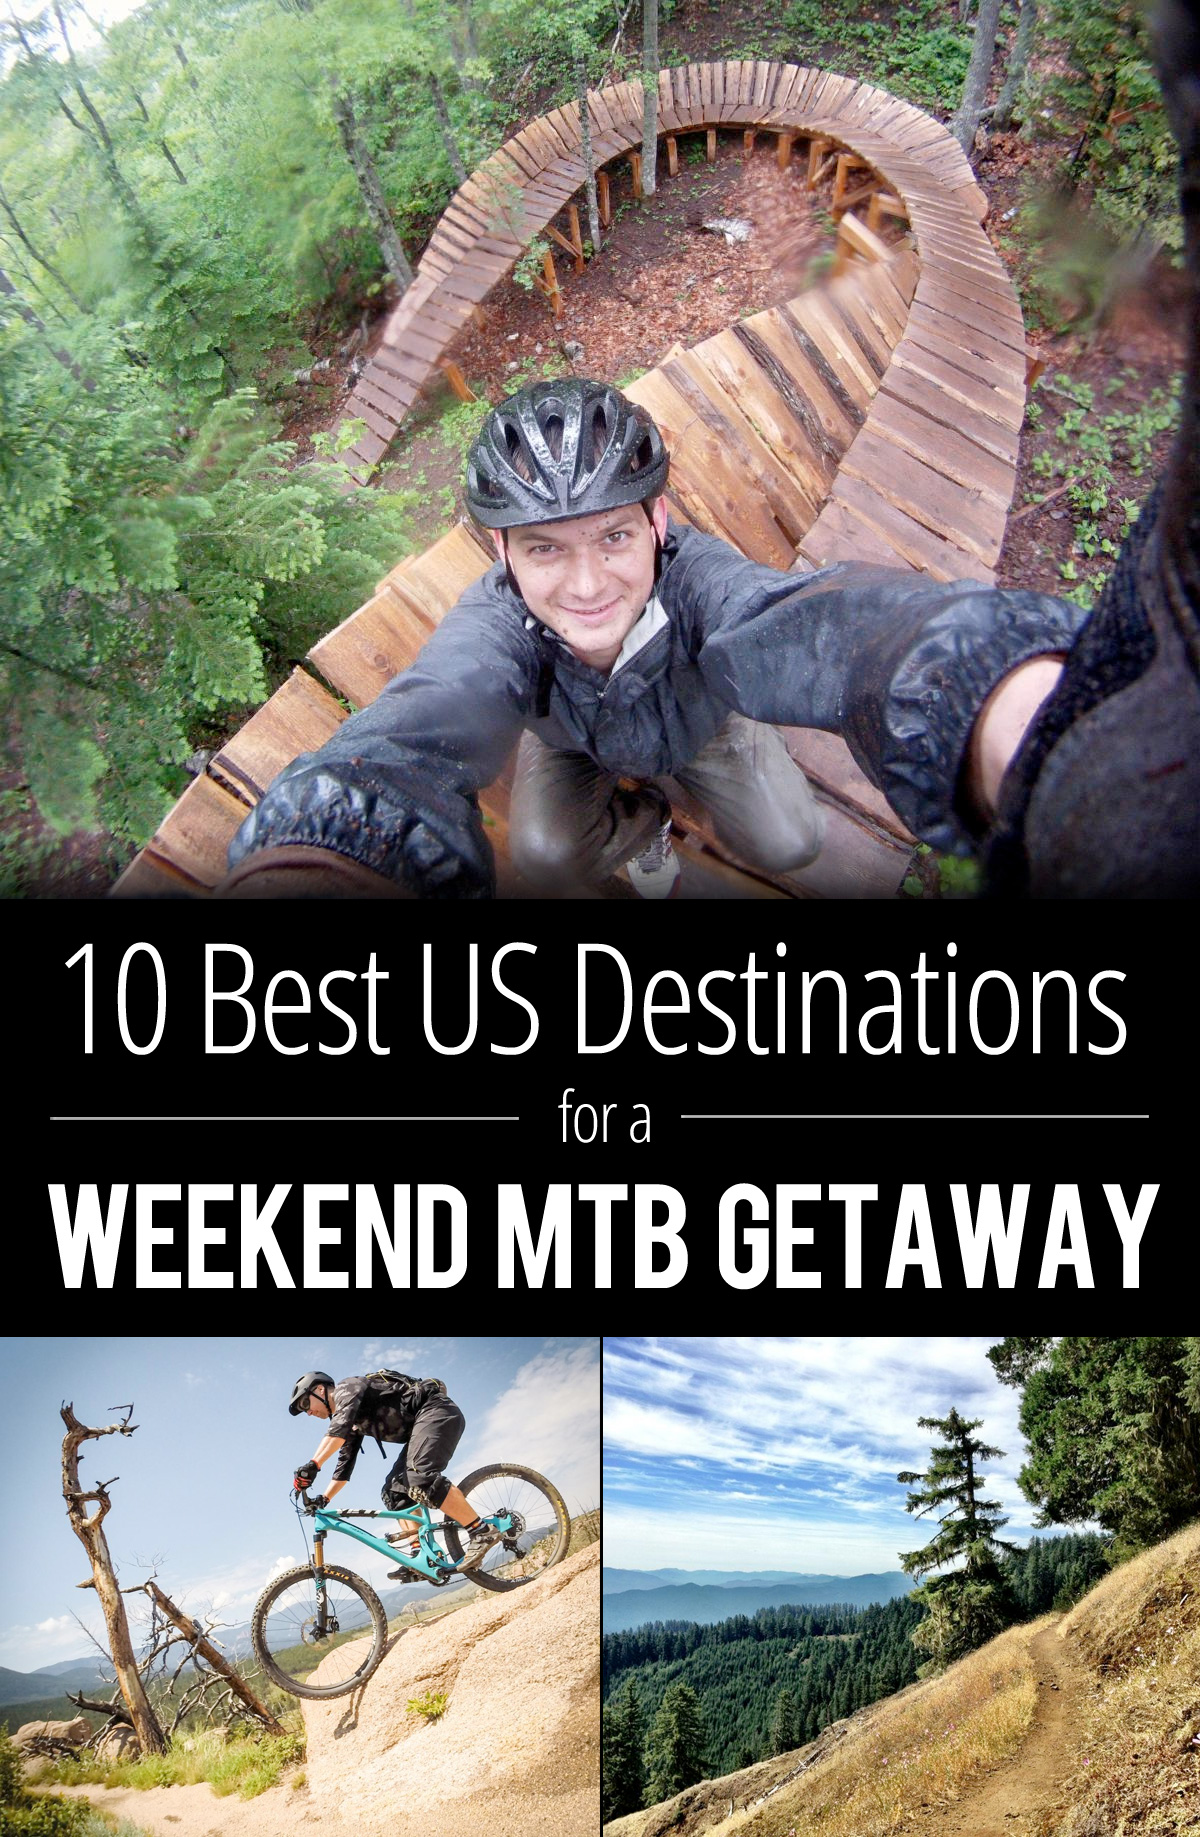 Fl class mountain biking articles for Best weekend get aways